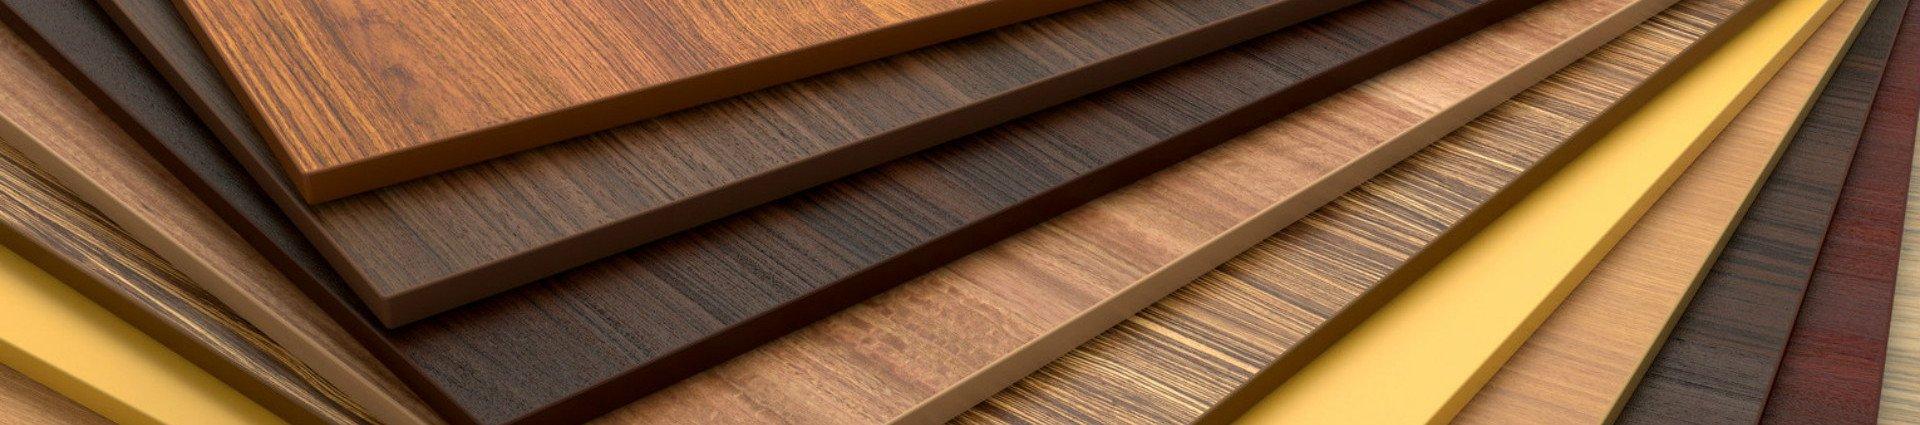 Taras drewniany czy kompozytowy? 2